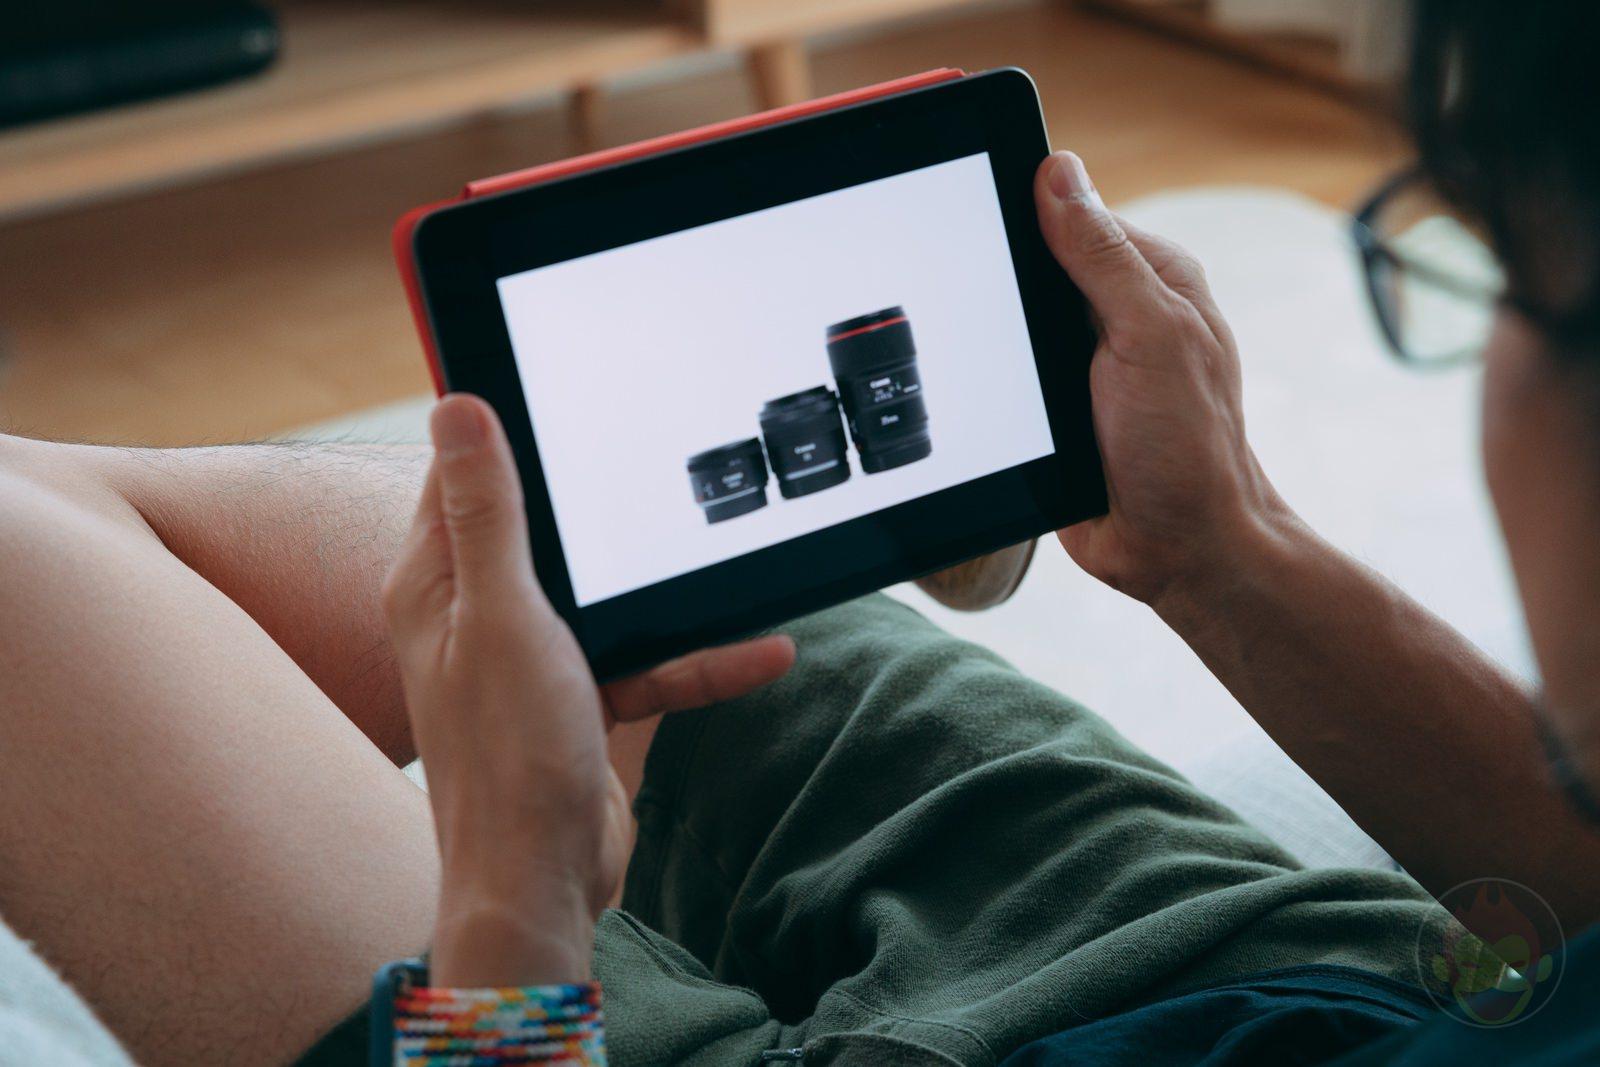 Why-I-Love-the-iPad-Mini-5-04.jpg